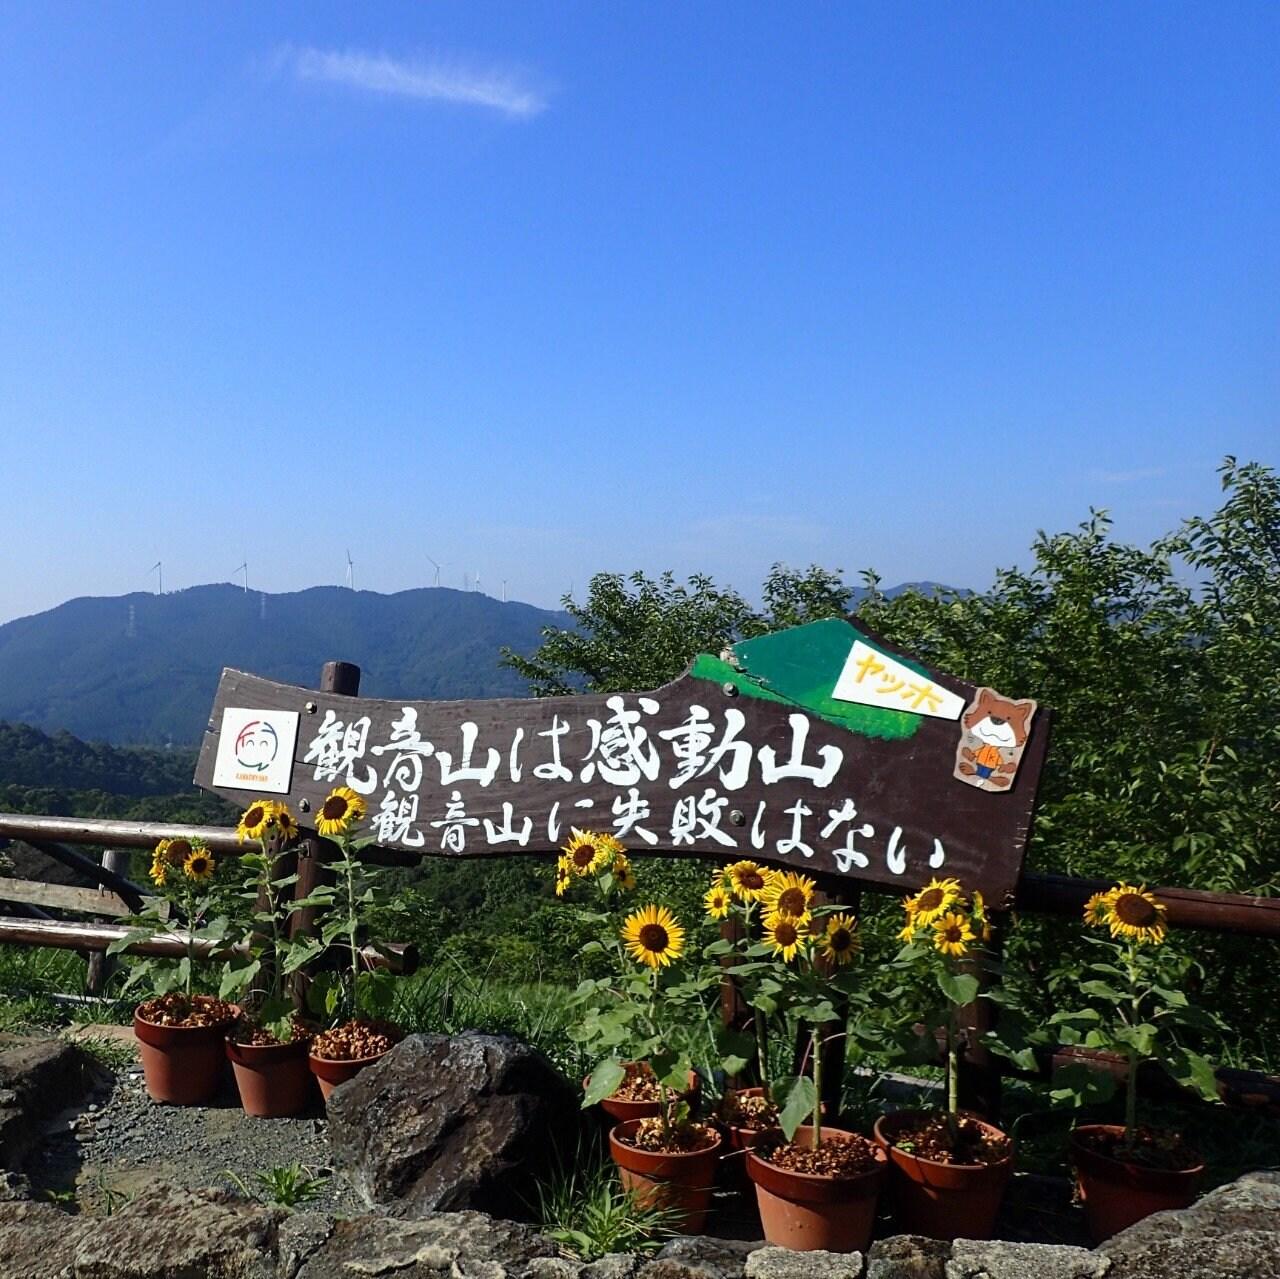 静岡県立観音山少年自然の家(しずおかけんりつかんのんやましょうねんしぜんのいえ)/✿観音山は感動山!/いなさマップ「59」のイメージその5